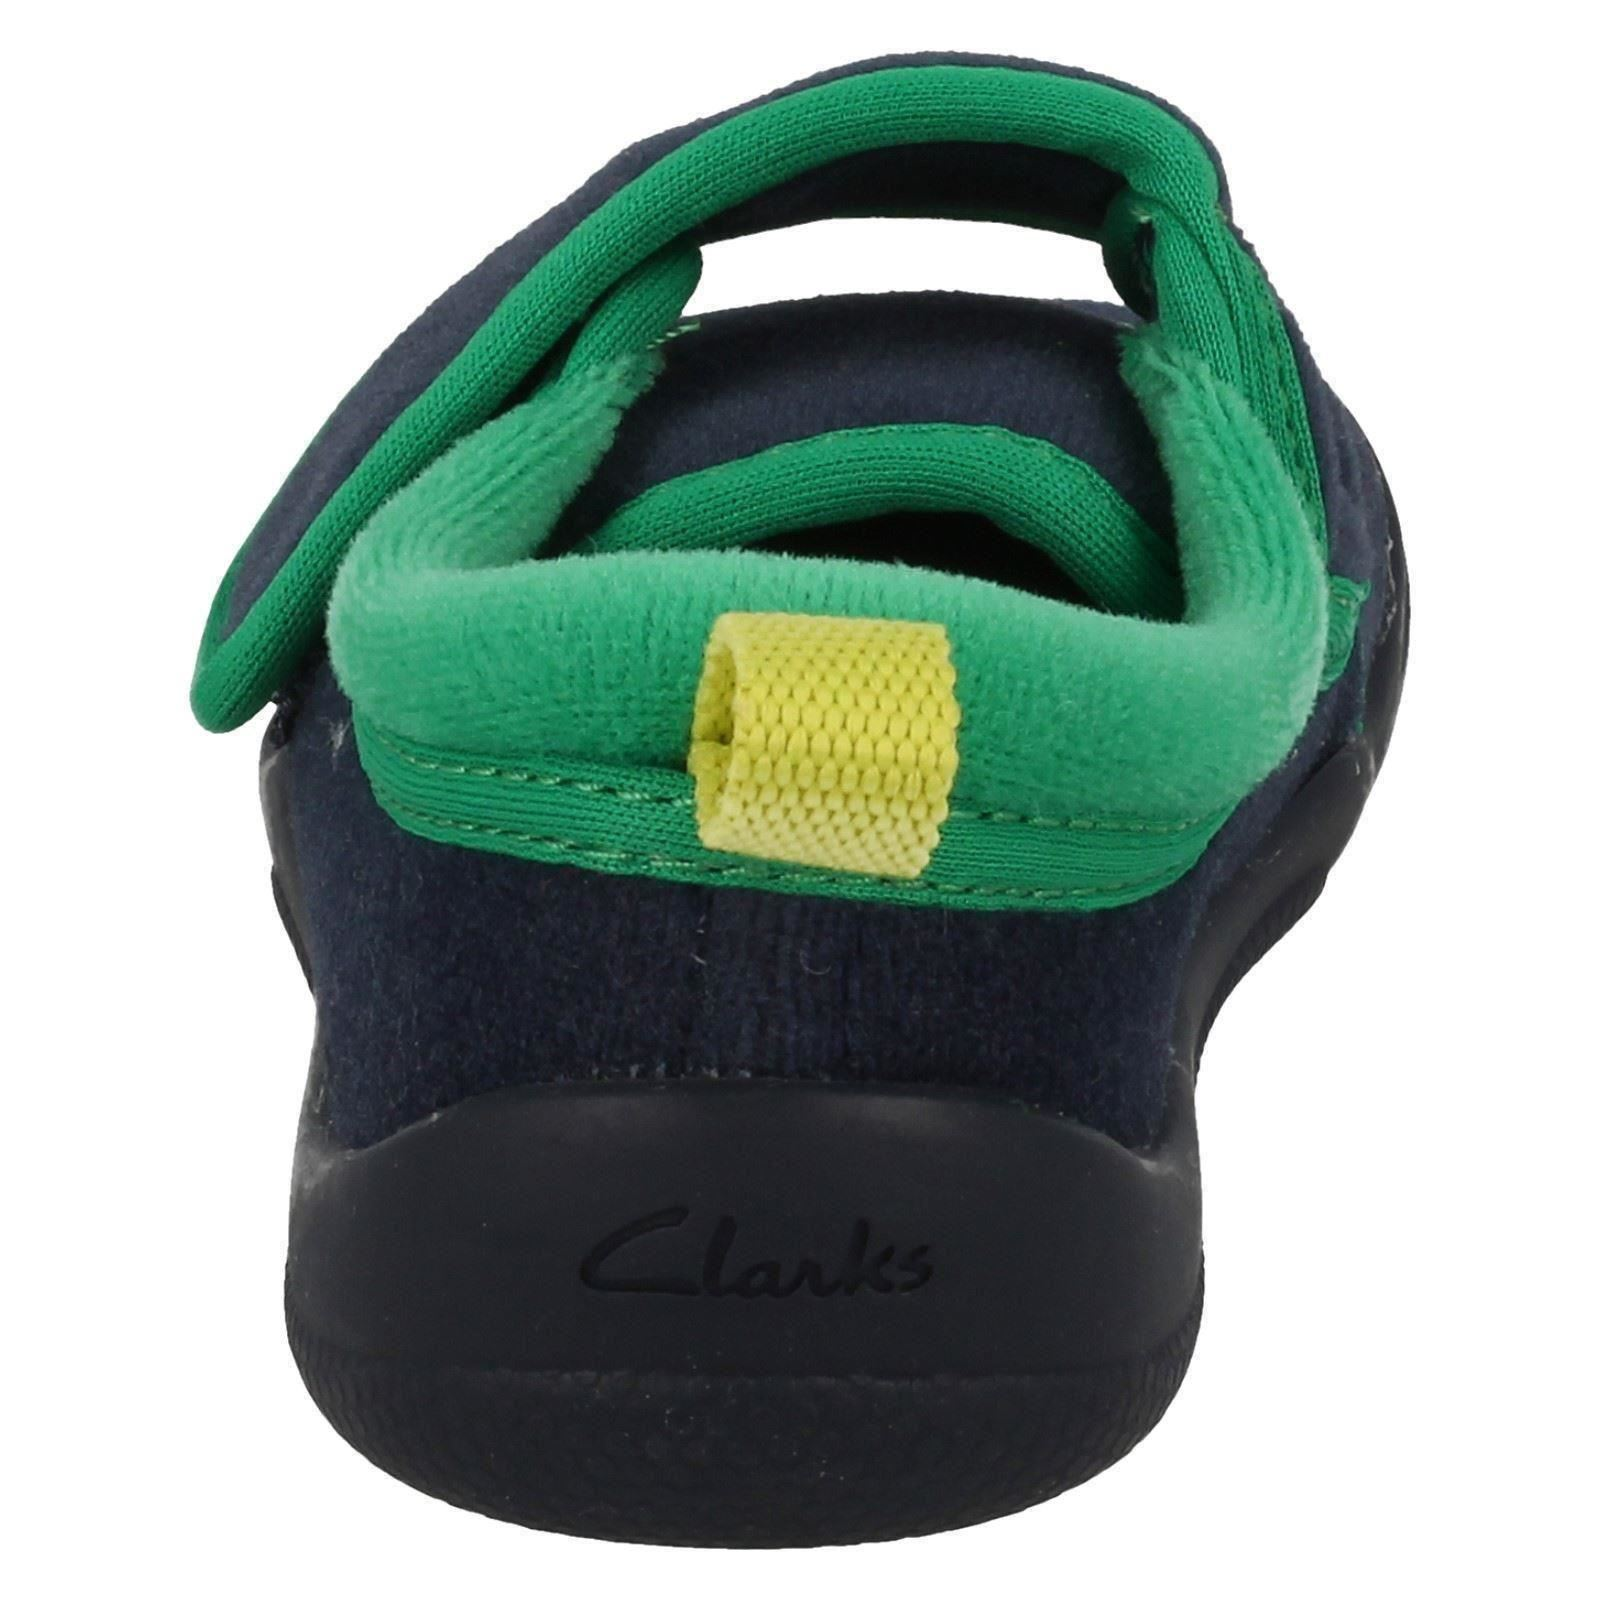 Chicos Clarks textil Hook & Loop Dinosaurio temática Zapatillas * Cuba Stompo *